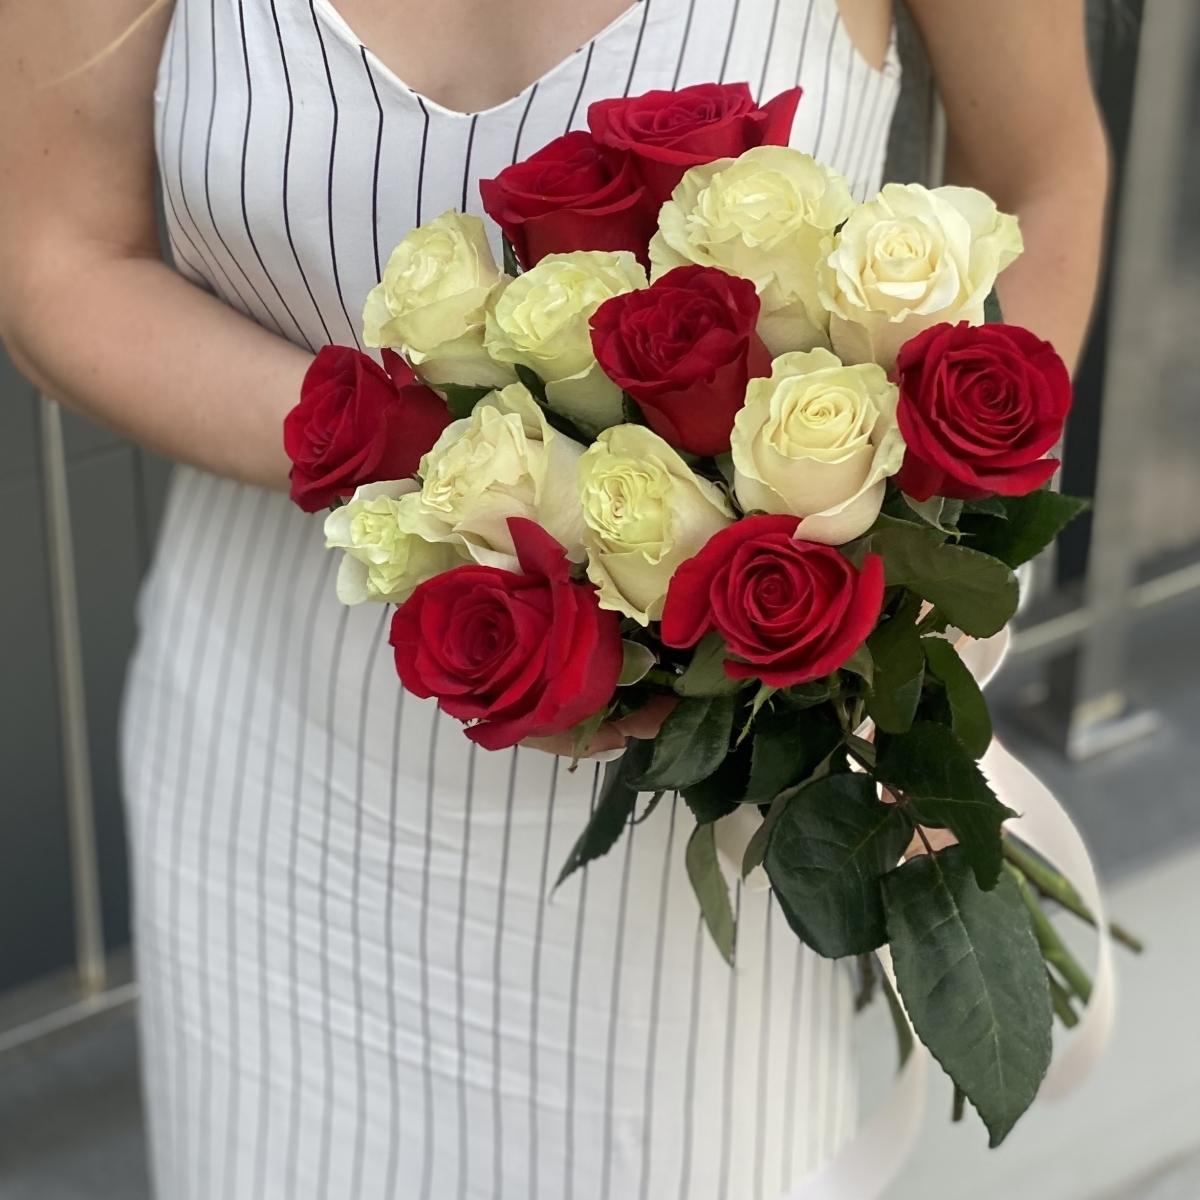 Букет Влюбленный взгляд из 15 красных и белых роз